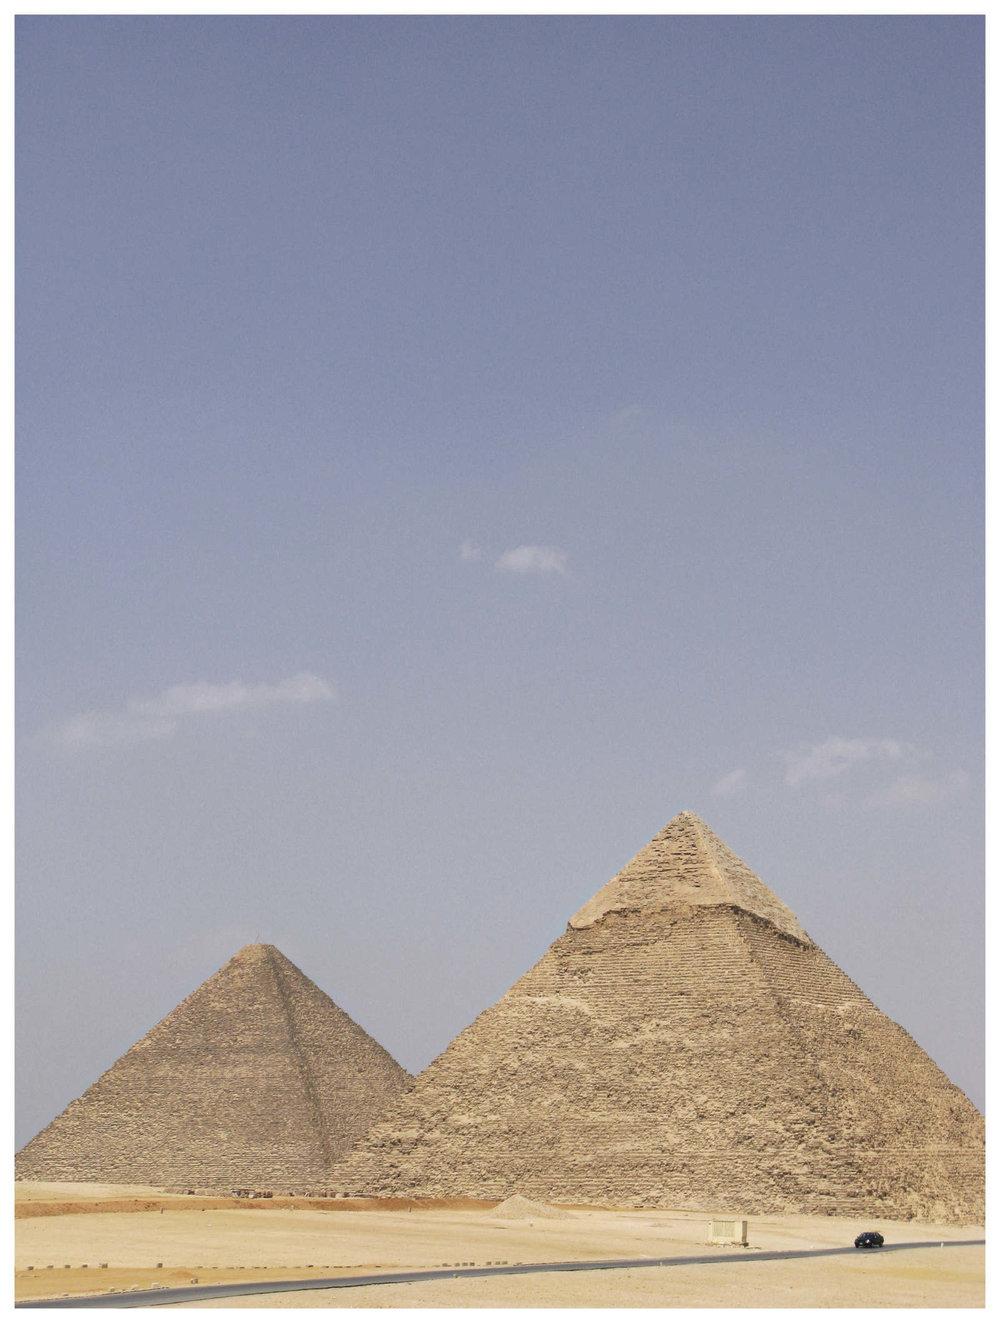 Pyramids1_1600_c.jpg